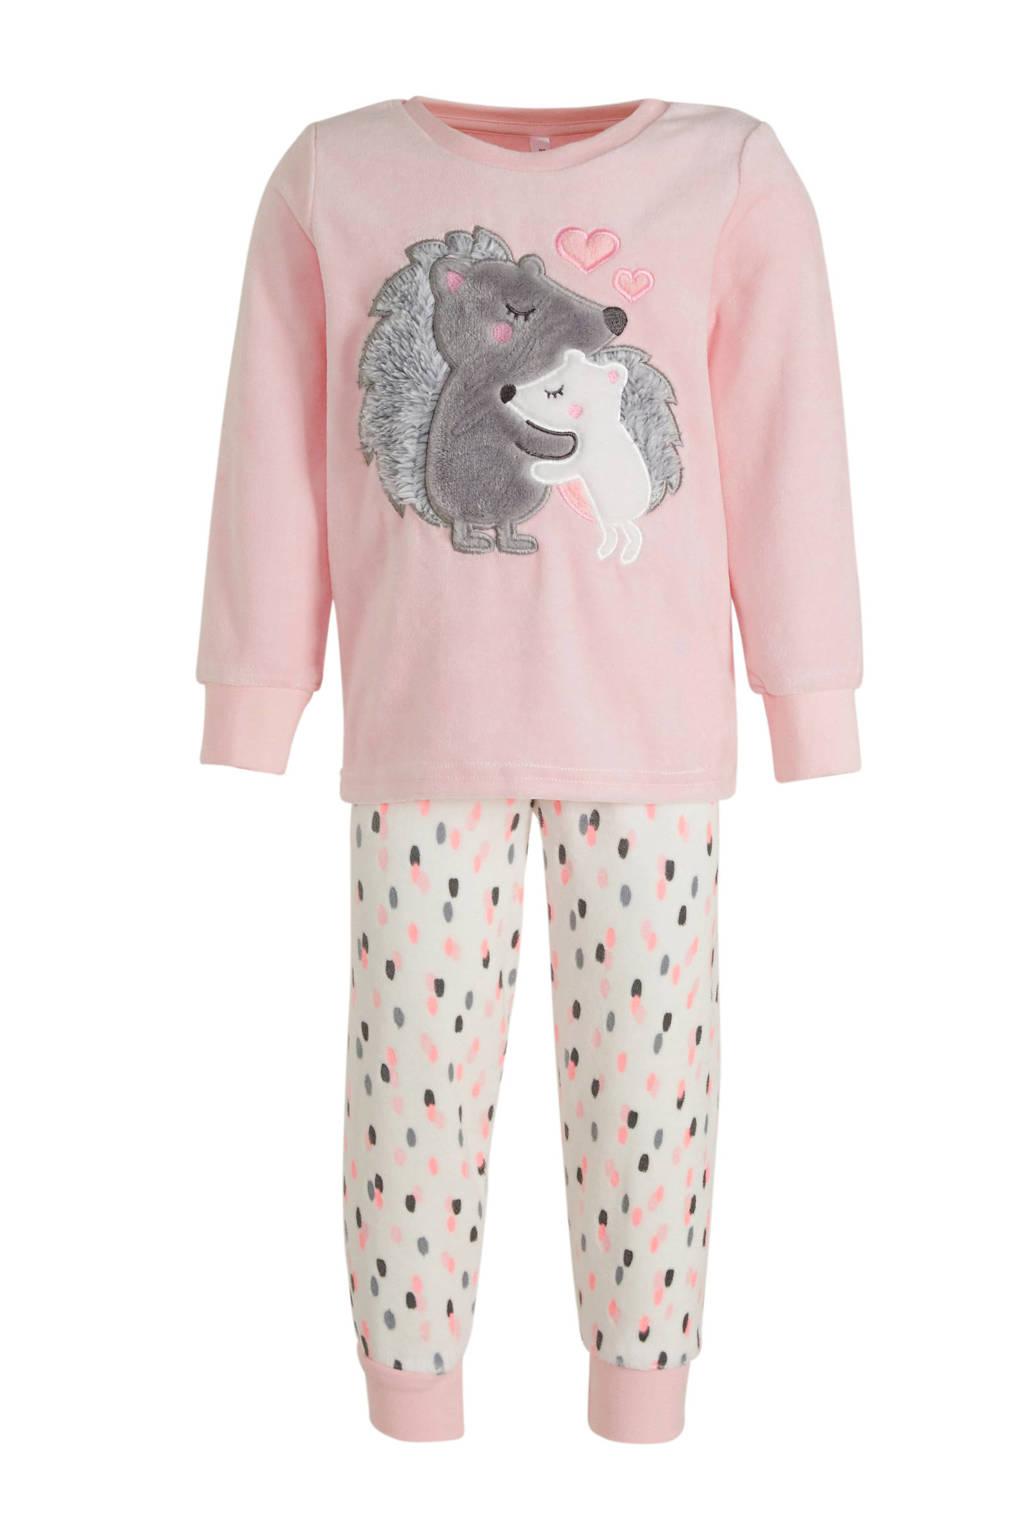 C&A Palomino pyjama roze/ecru, Roze/ecru